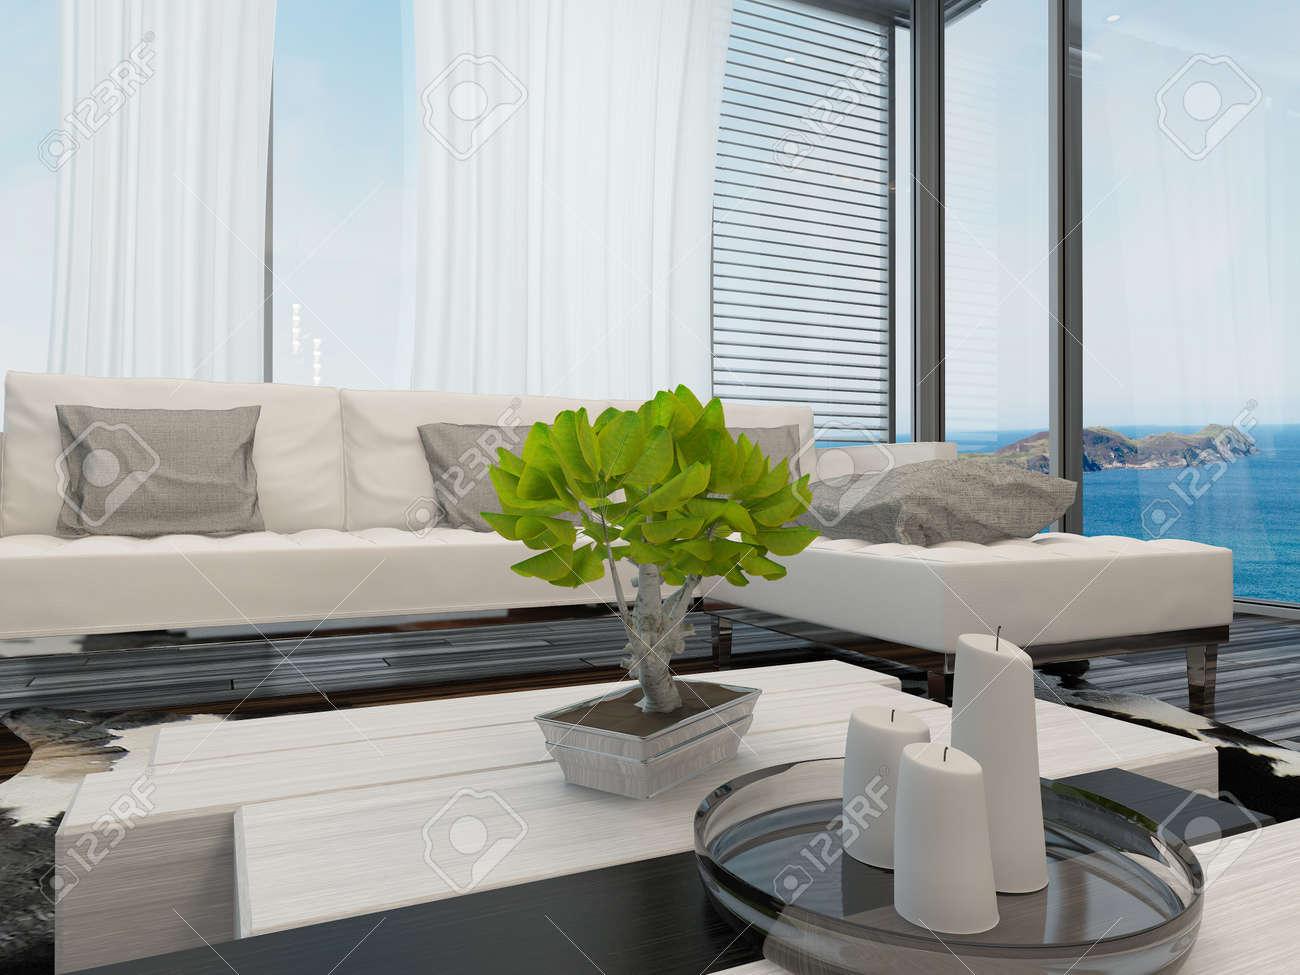 Luminoso Y Espacioso Salón Moderno O Interior Salón Con Vistas Al Mar Con Grandes Ventanas De Vista Con Cortinas Y Persianas Una Suite Moderna Sala